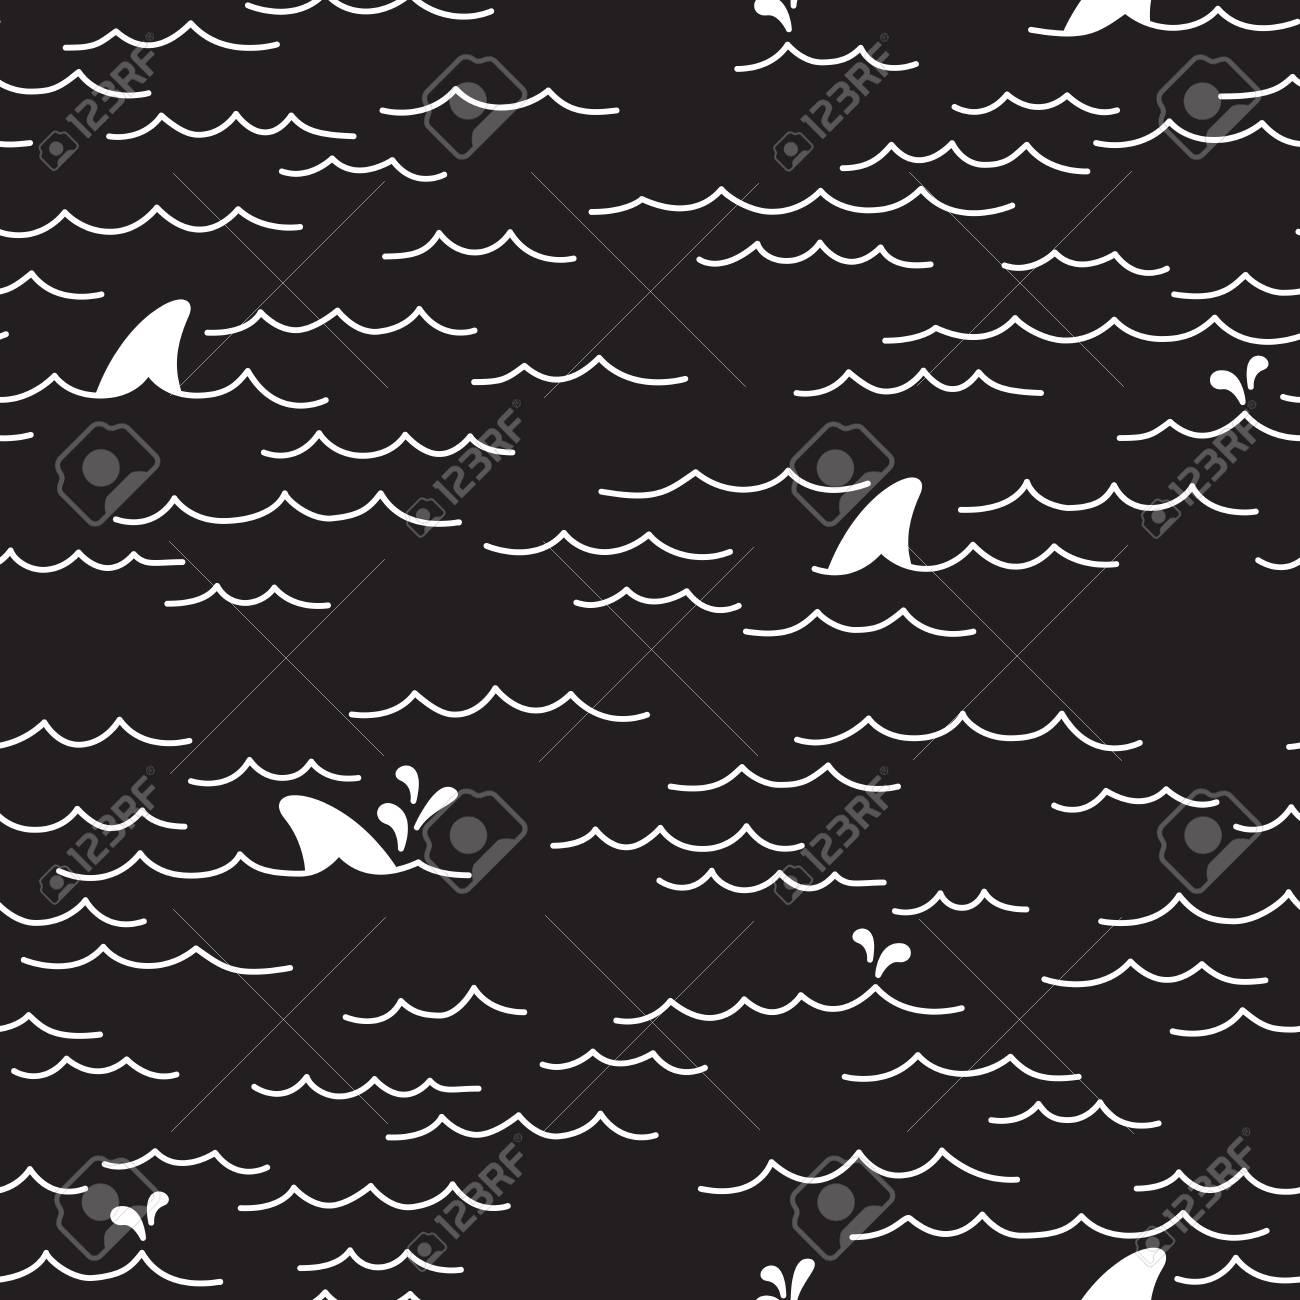 海海サメ シームレス パターン黒の落書き 壁紙 背景のイラスト素材